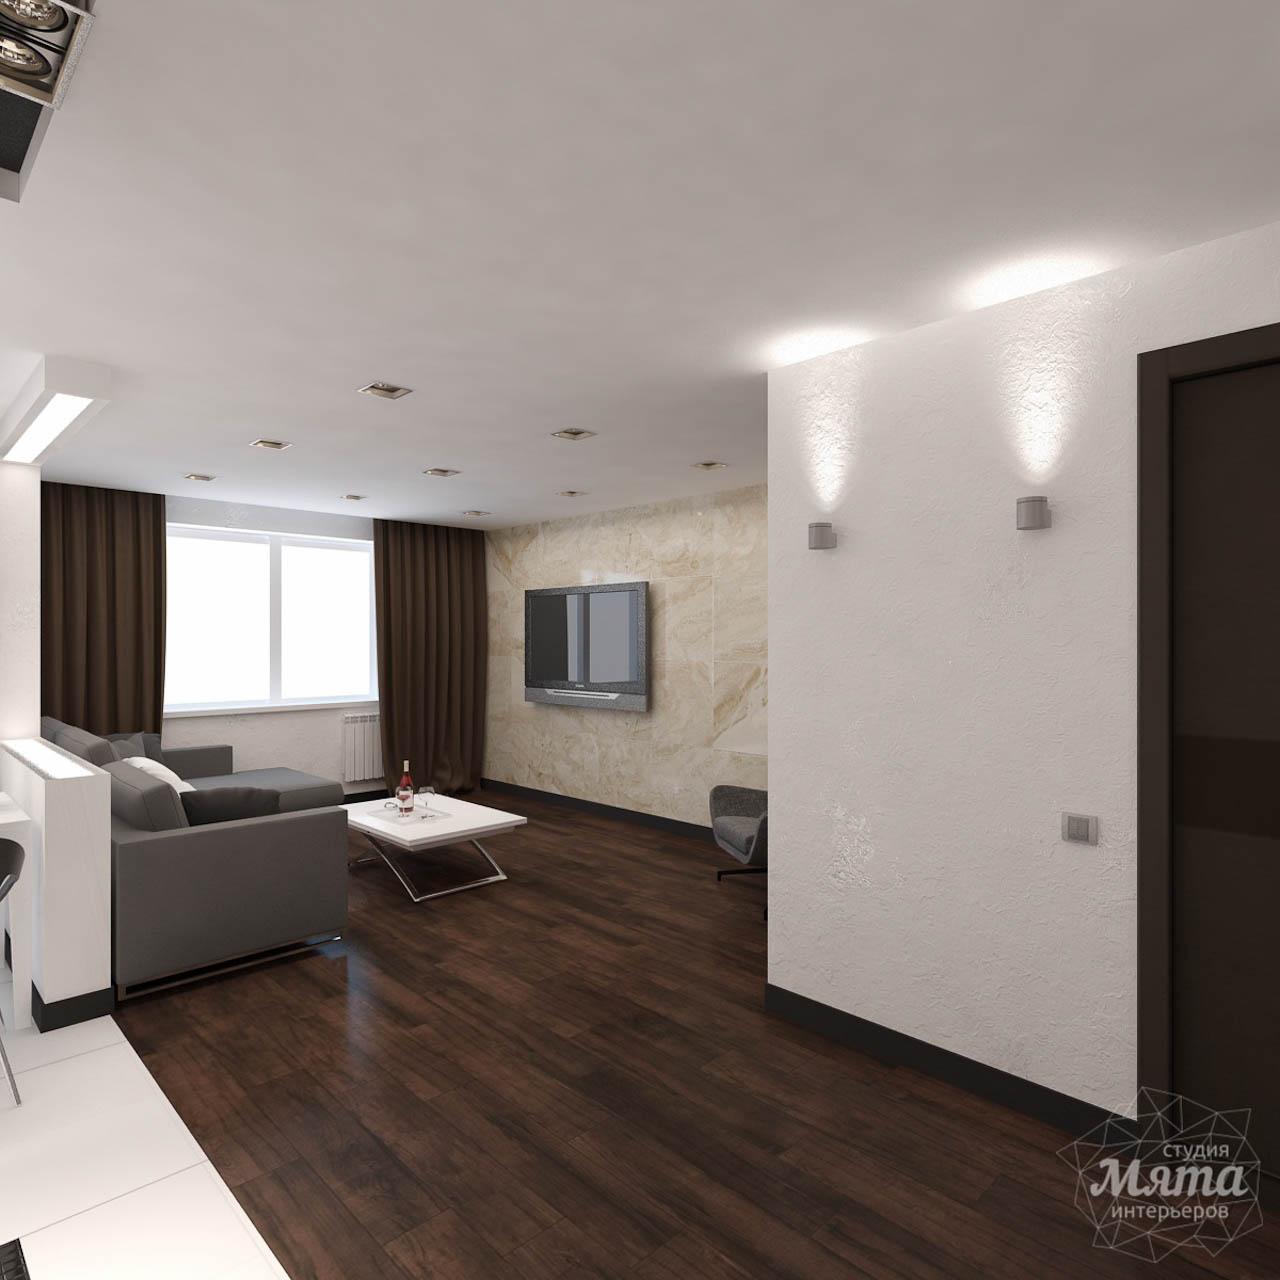 Дизайн интерьера однокомнатной квартиры по ул. Гагарина 27 img304462317